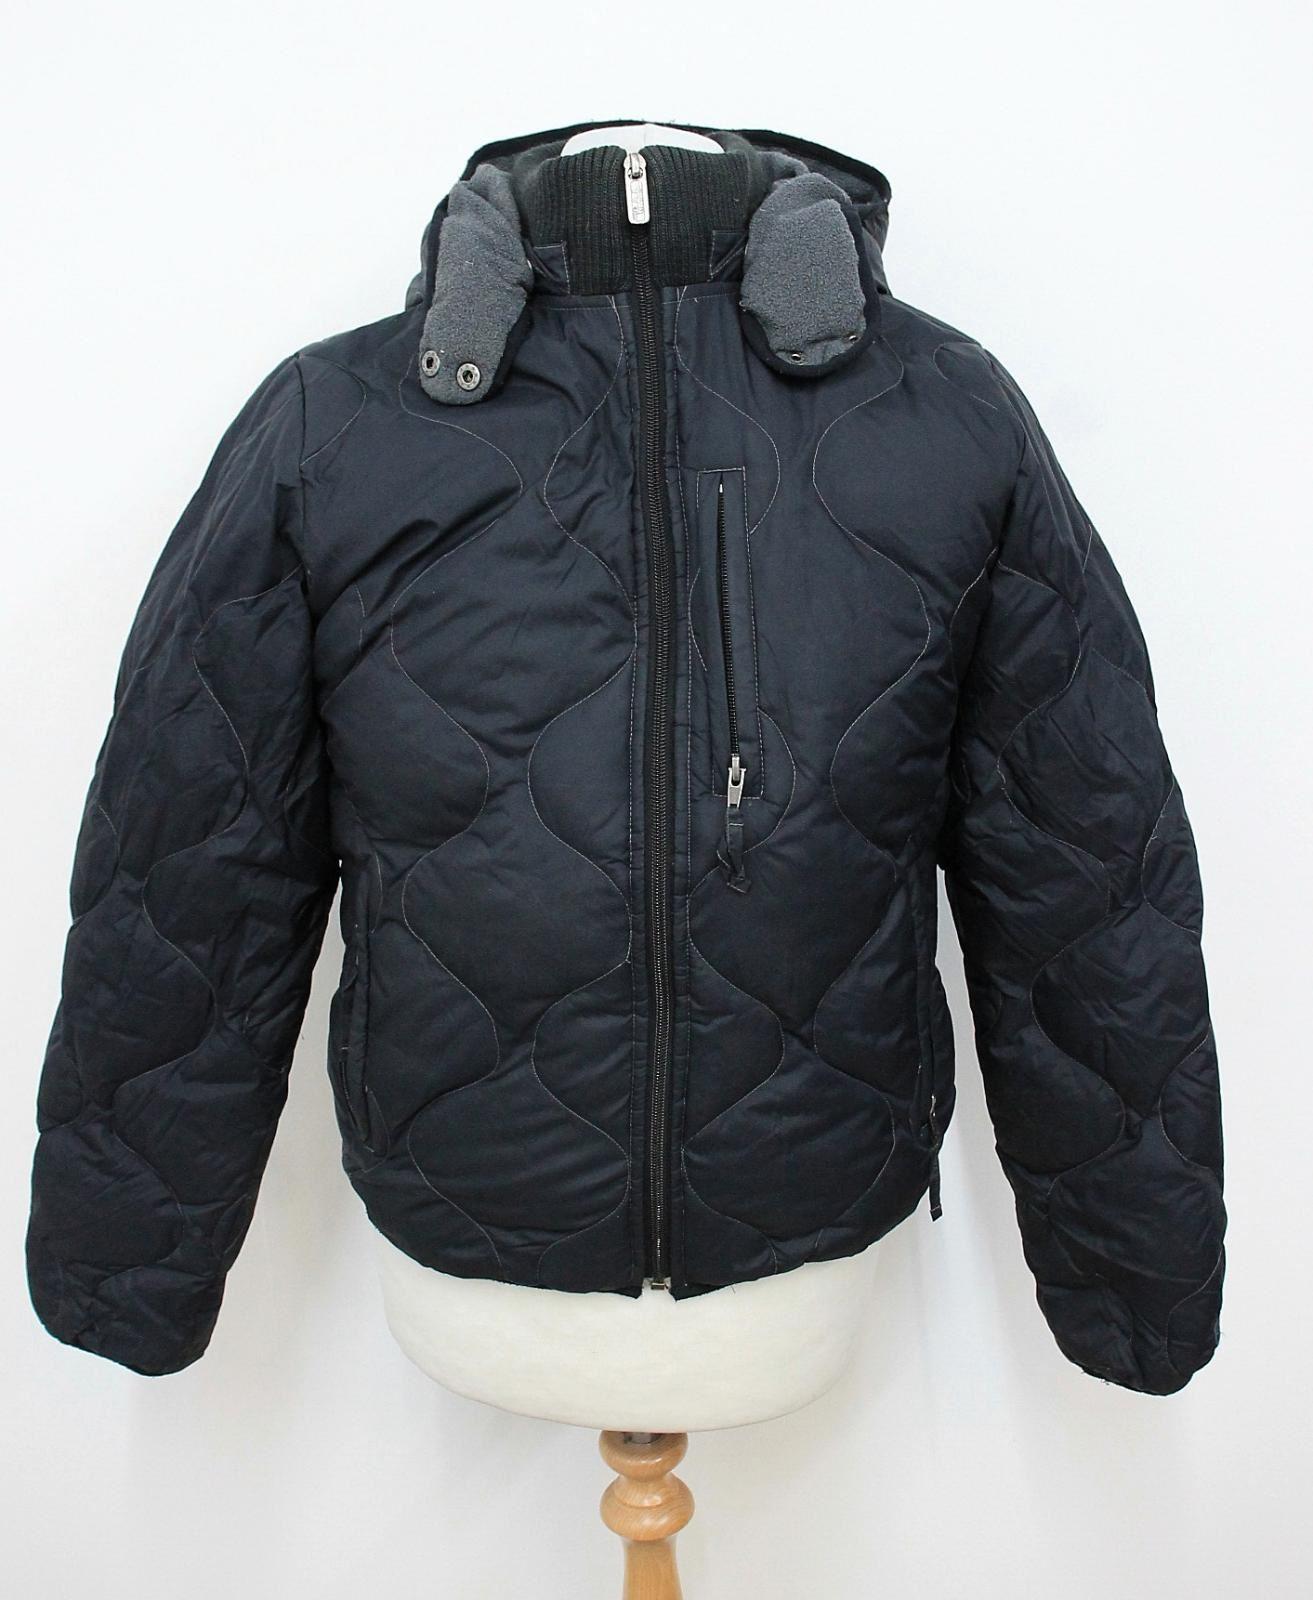 WOOLRICH-Men-039-s-Black-Long-Sleeved-Hooded-Neckline-Winter-Down-Jacket-Size-L